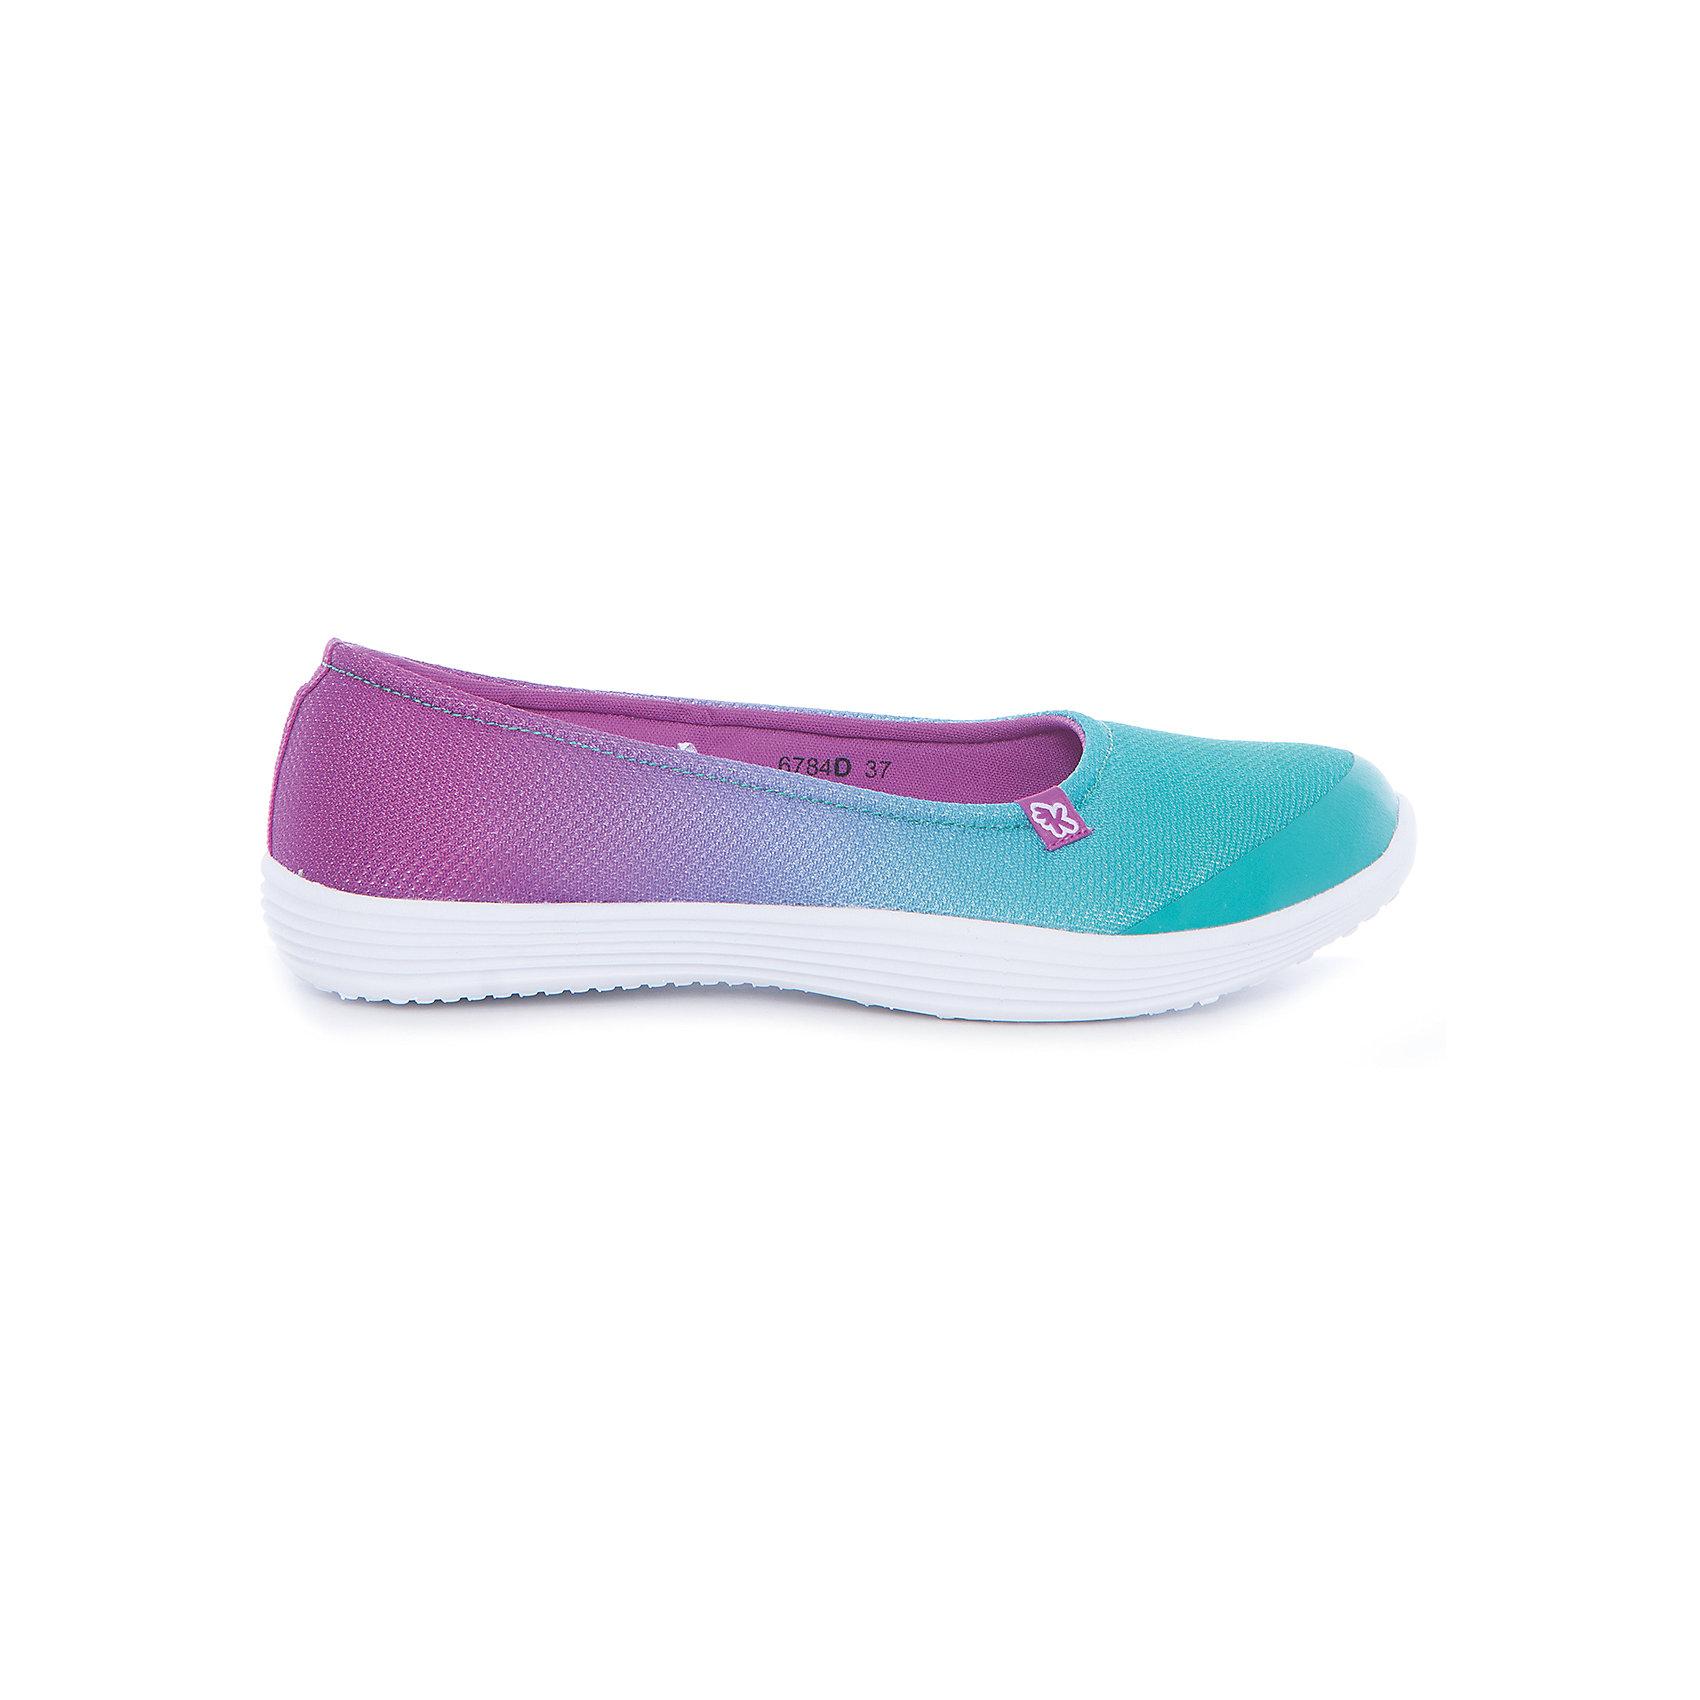 Туфли для девочки KakaduТекстильные туфли<br>Характеристики:<br><br>• цвет: зеленый/розовый<br>• внешний материал: текстиль<br>• внутренний материал: текстиль<br>• стелька: текстиль<br>• подошва: ЭВА<br>• высота подошвы: 1,5 см<br>• съёмная ультрамягкая стелька<br>• облегчённая подошва<br>• тип застежки: без застежки<br>• сезон: лето<br>• тип обуви: туфли<br>• тип подошвы: рифлёная<br>• способ крепления подошвы: литая<br>• уход: удаление загрязнений мягкой щеткой<br><br>Верх изделия – текстиля и полиэстера, что обеспечивает хорошую воздухопроницаемость, гигиеничность, высокую устойчивость к изменению цвета и формы. Подошва выполнена из этиленвинилацетата, который не утяжеляет вес обуви и при этом обеспечивает ее гибкость. Туфли имеют классическую форму и стильный дизайн.<br><br>Туфли для девочки KAKADU можно купить в нашем интернет-магазине.<br><br>Ширина мм: 227<br>Глубина мм: 145<br>Высота мм: 124<br>Вес г: 325<br>Цвет: синий<br>Возраст от месяцев: 96<br>Возраст до месяцев: 108<br>Пол: Женский<br>Возраст: Детский<br>Размер: 32,37,33,34,35,36<br>SKU: 5386860